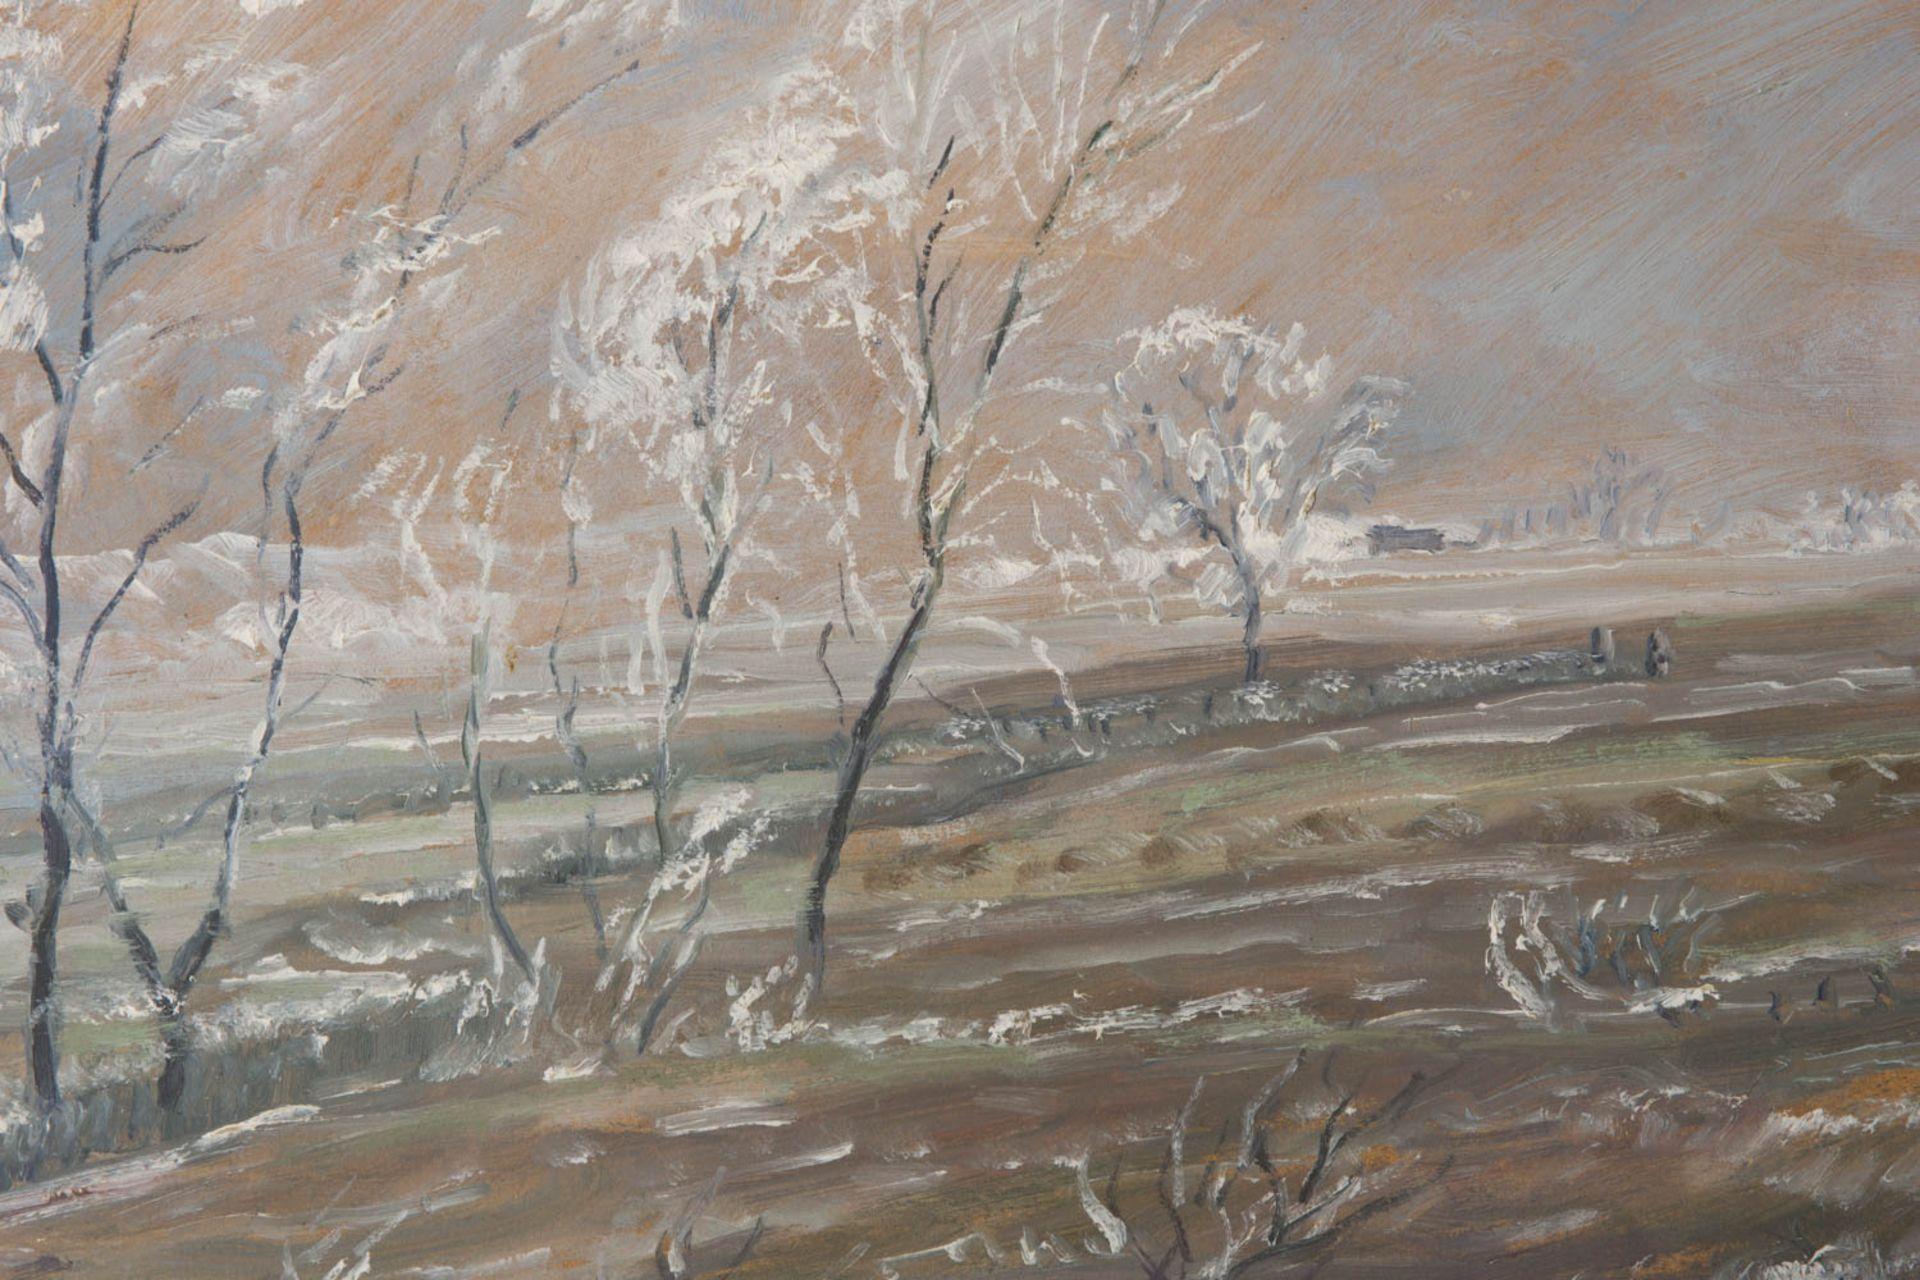 Wohl Walter Bertelsmann, Winterlandschaft, Acryl auf Platte, 20. Jh.Hinter Glas gerah - Bild 2 aus 3